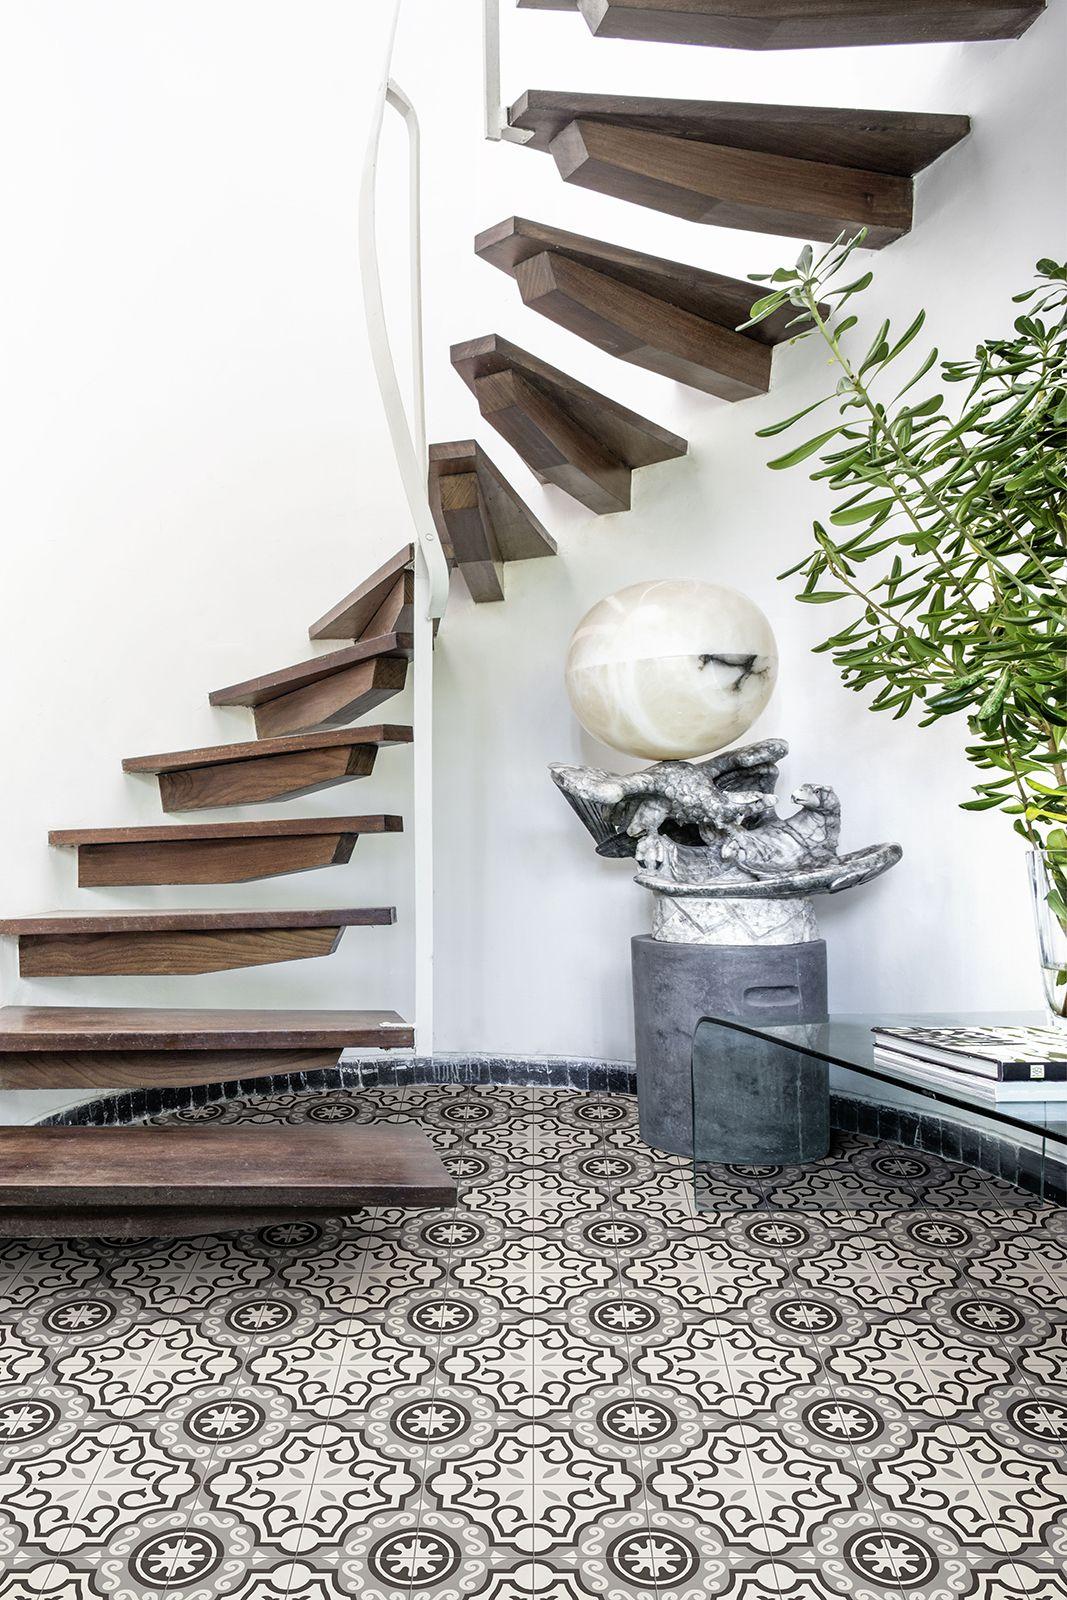 Marazzi Tile Patterns Amazing Decorating